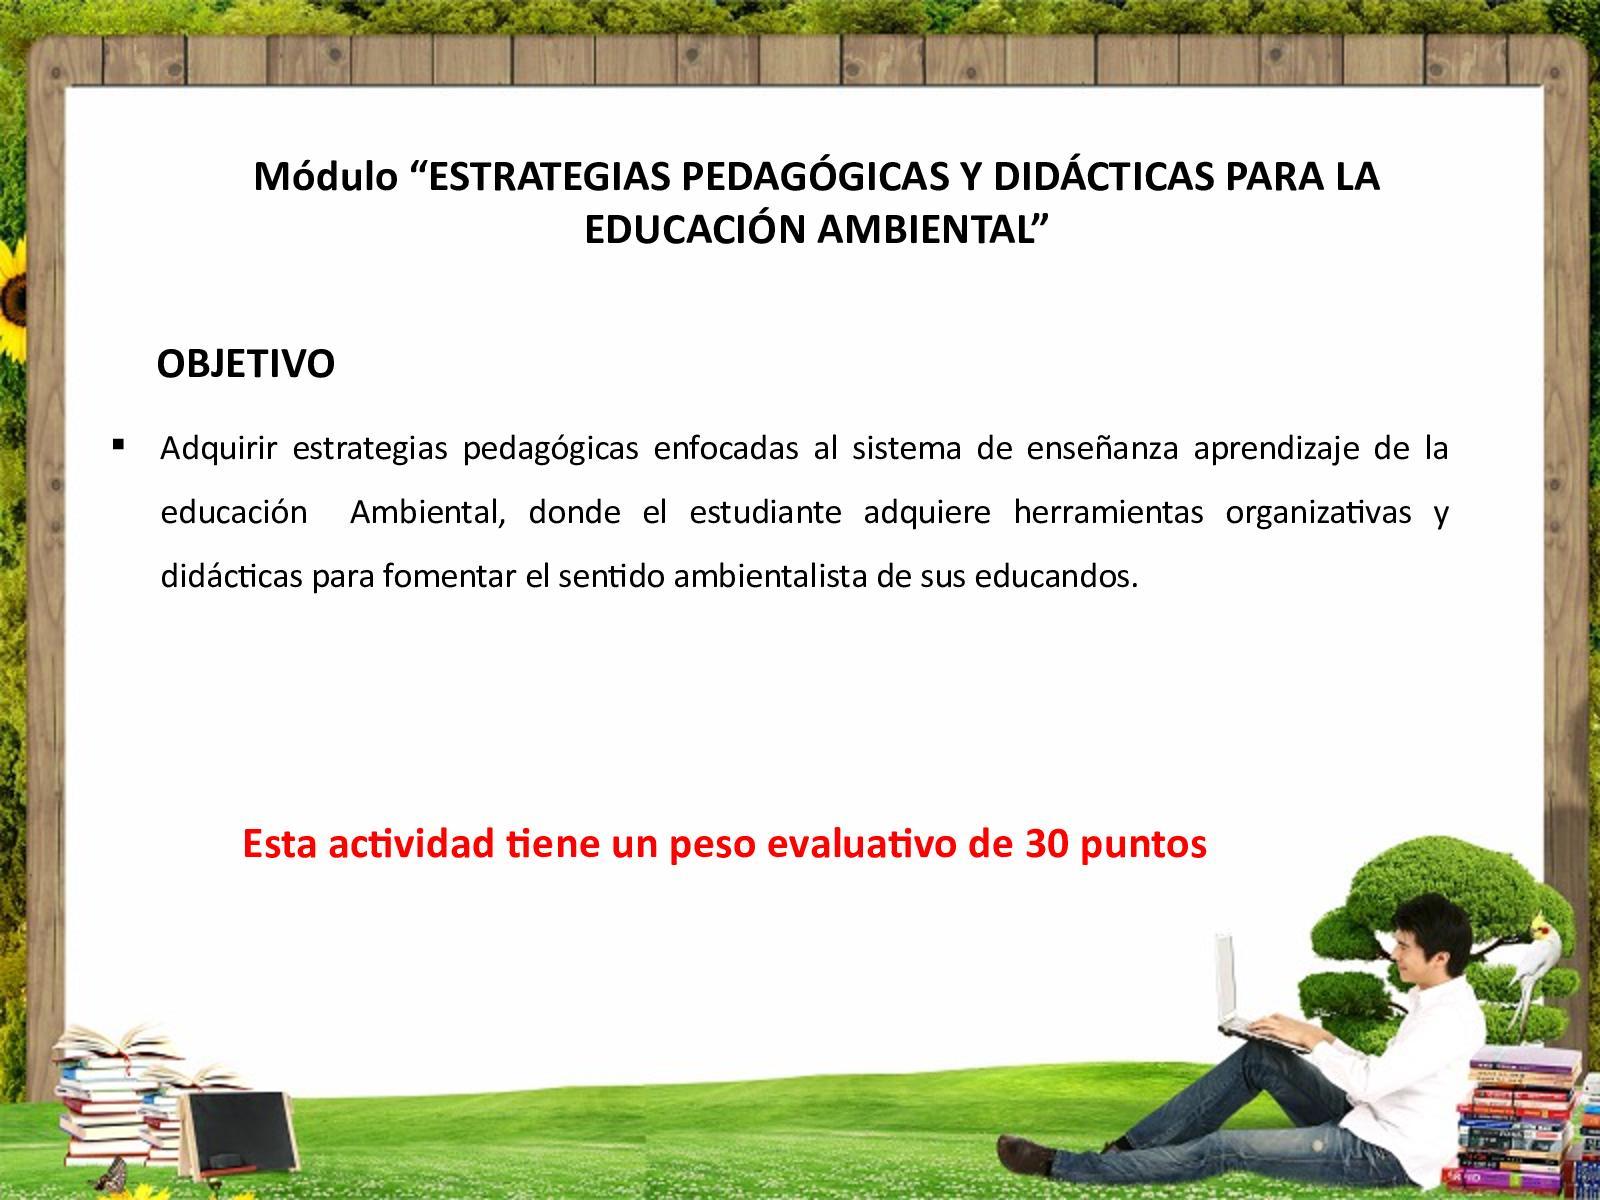 Estrategias Pedagogicas Y Didacticas Para La Educación Ambiental